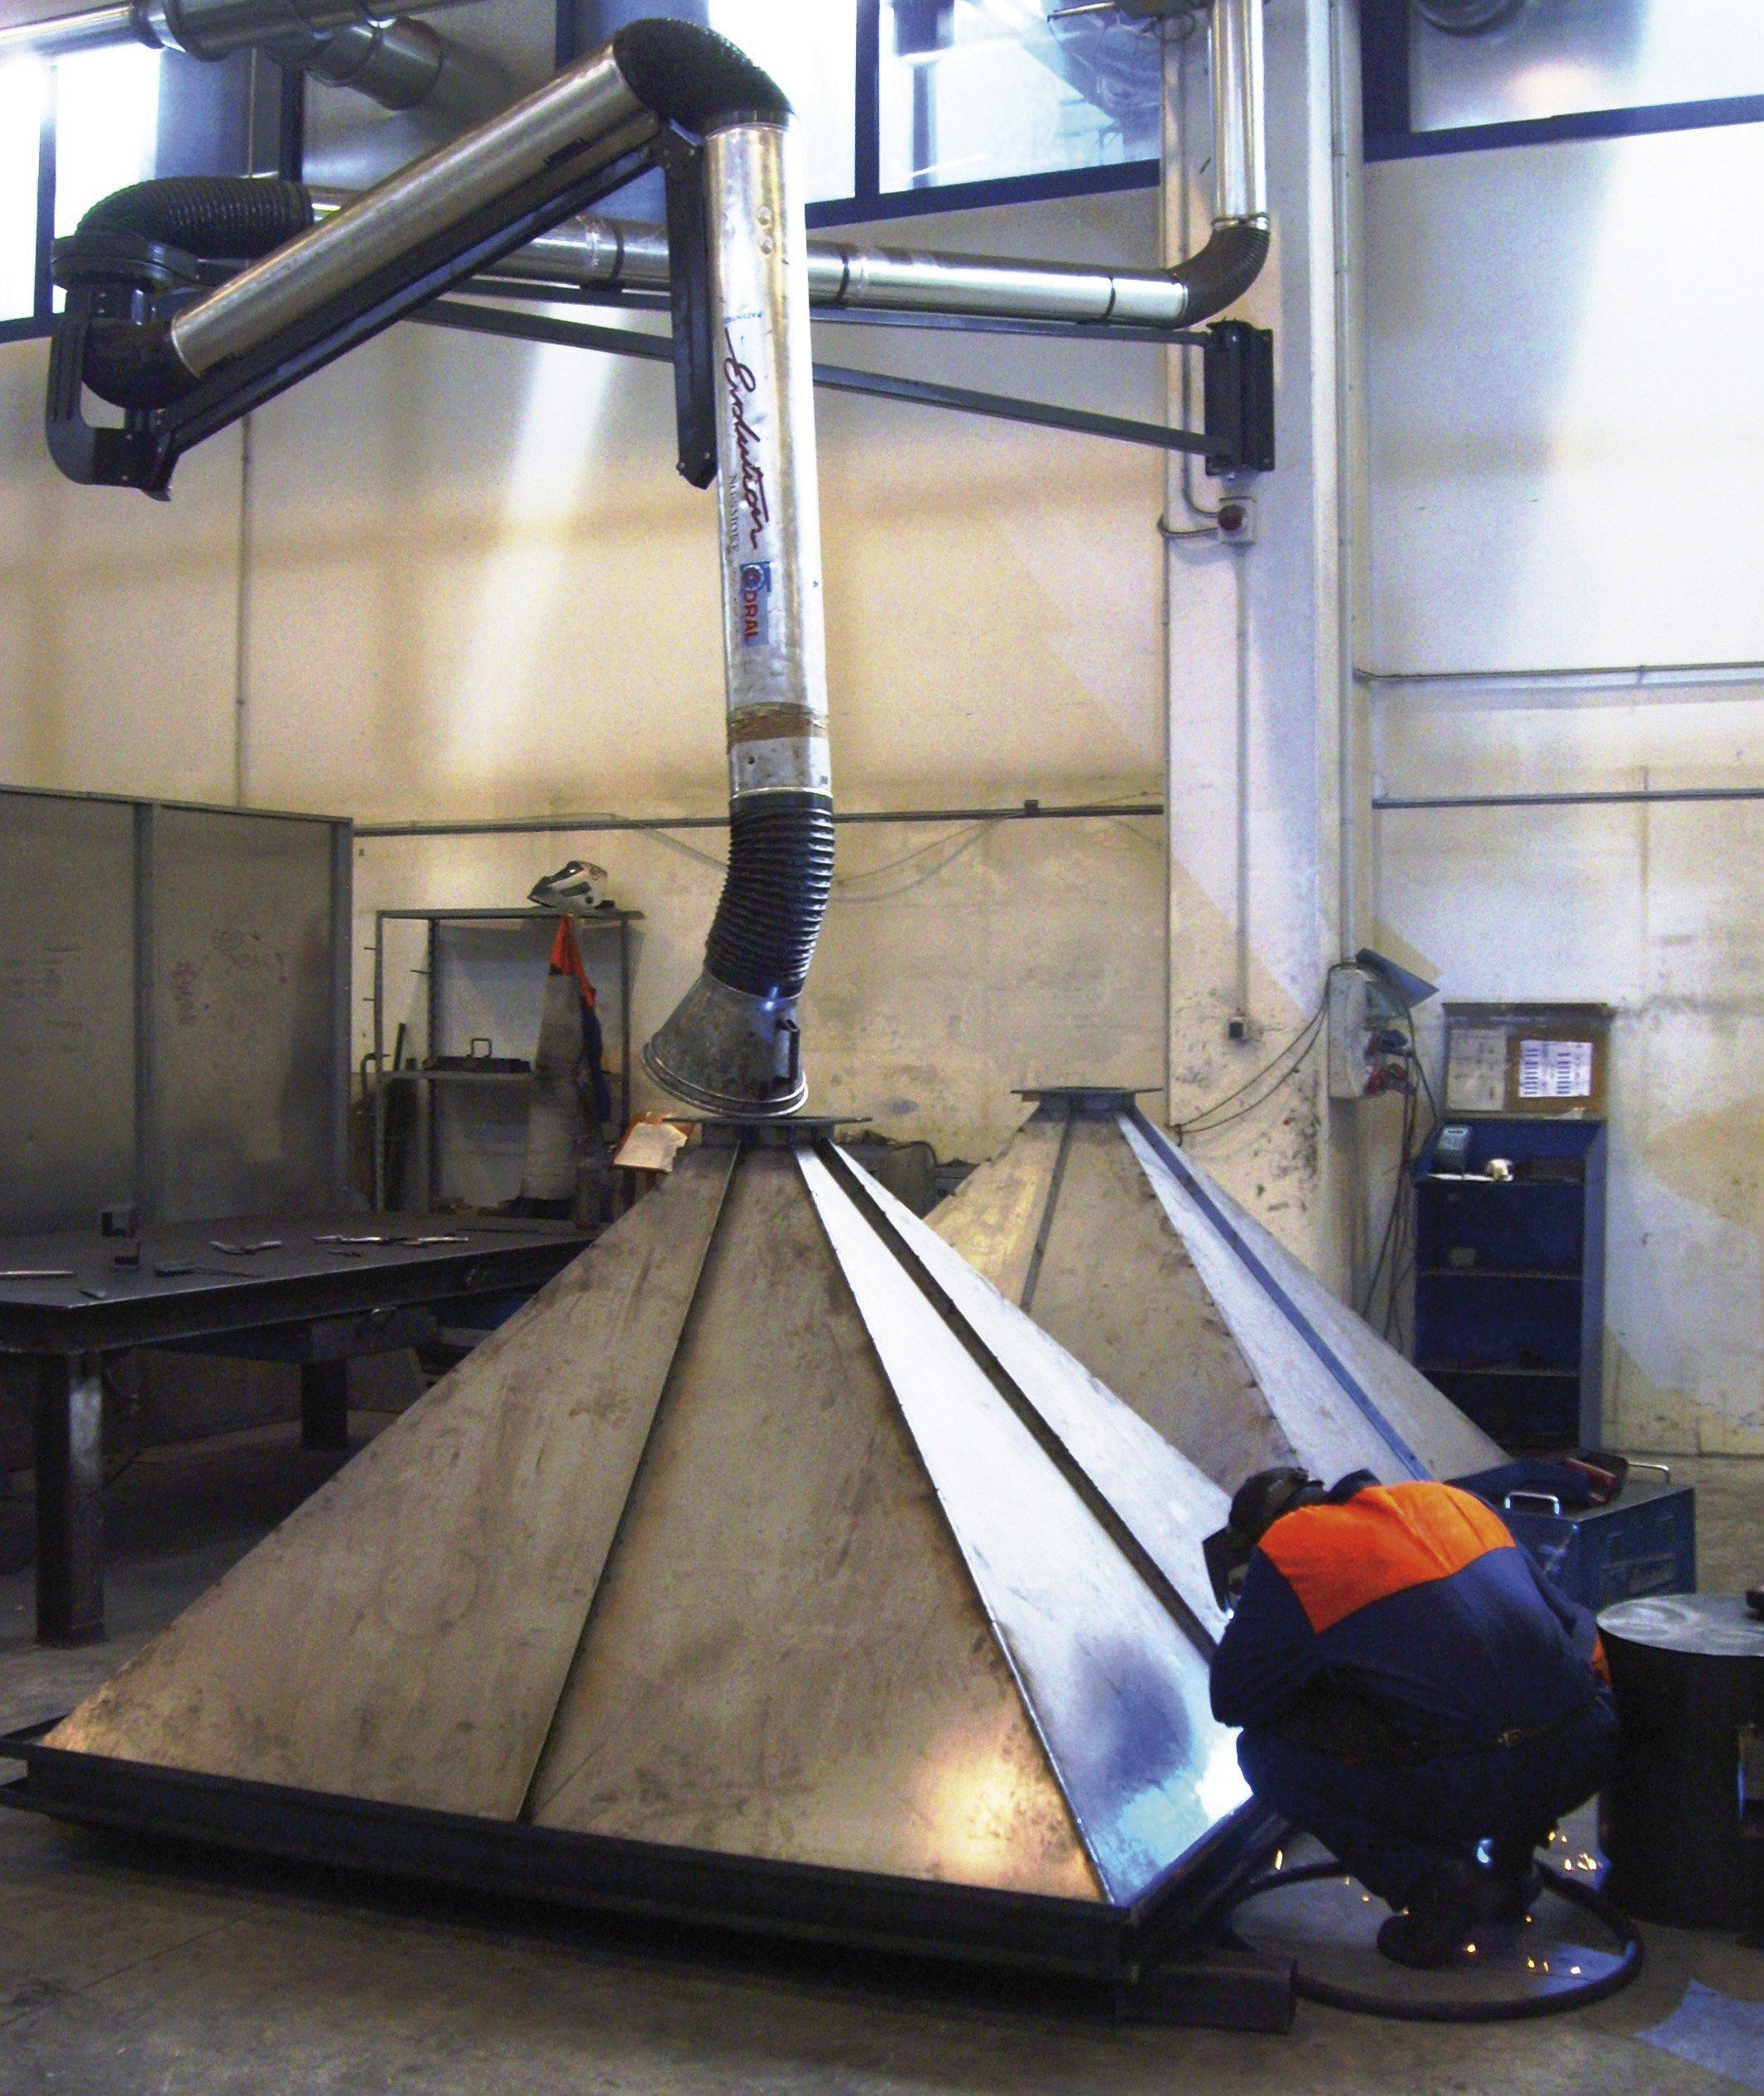 operaio mentre lavora sull'impianto